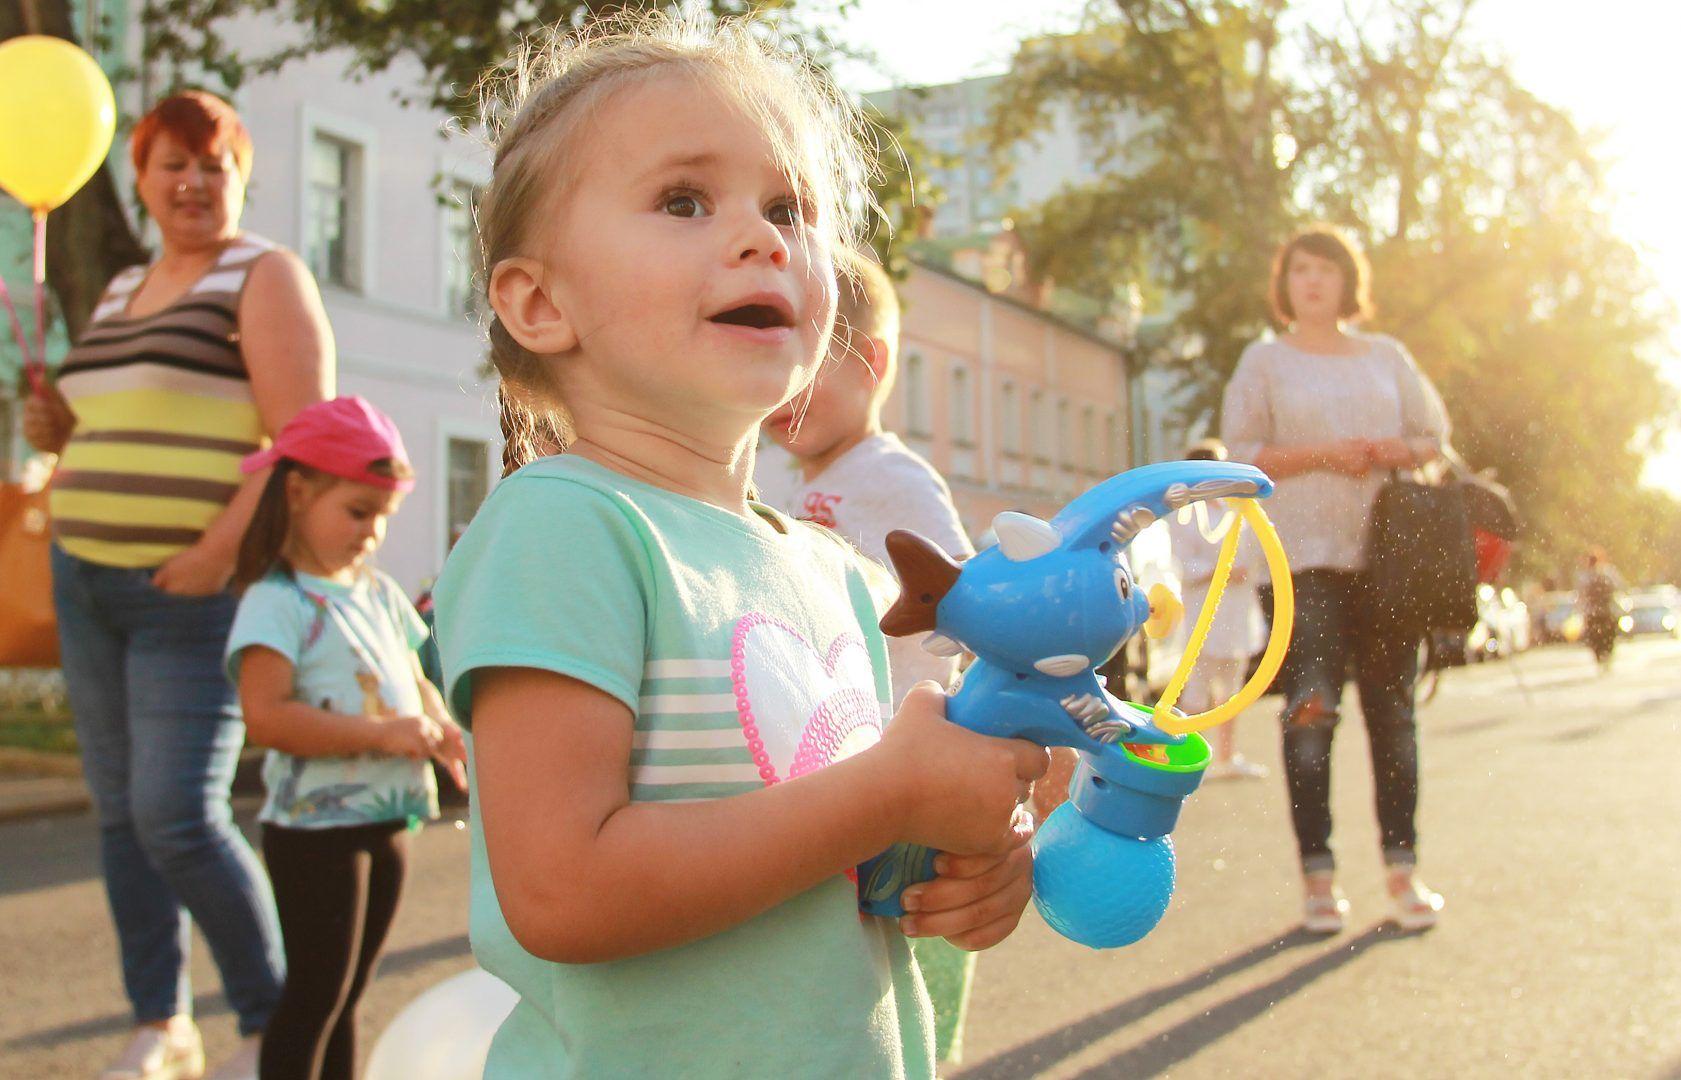 Развлекательный вечер проведут для детей из Михайлово-Ярцевского. Фото: Наталия Нечаева, «Вечерняя Москва»